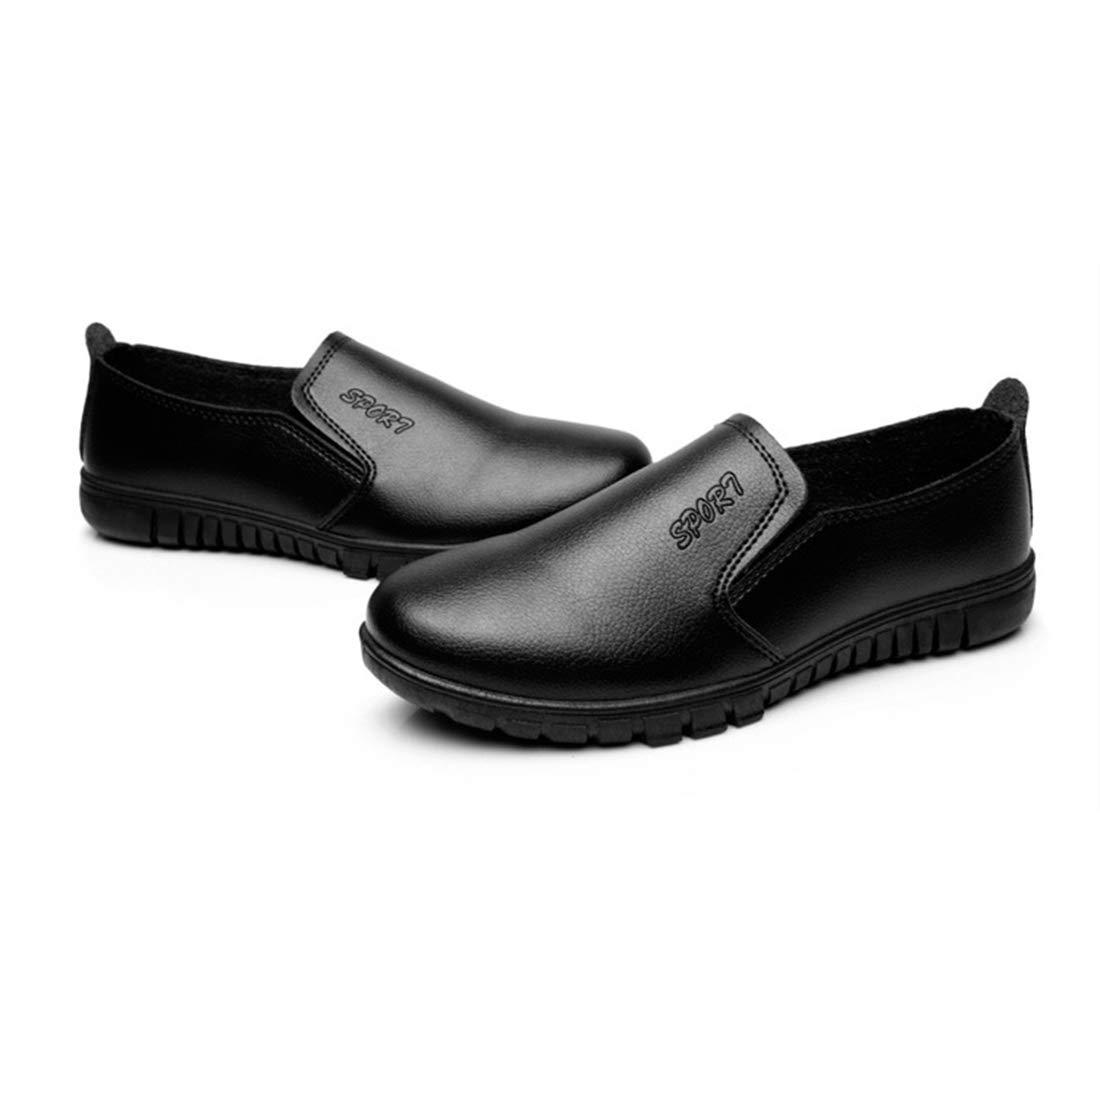 Zapatos para Hosteler/ía Antideslizante Zapatos de Uniforme de Cocina Zapatos de Cordones para Hombre Xianheng Calzado de Trabajo para Chef Resistente al Aceite y al Agua